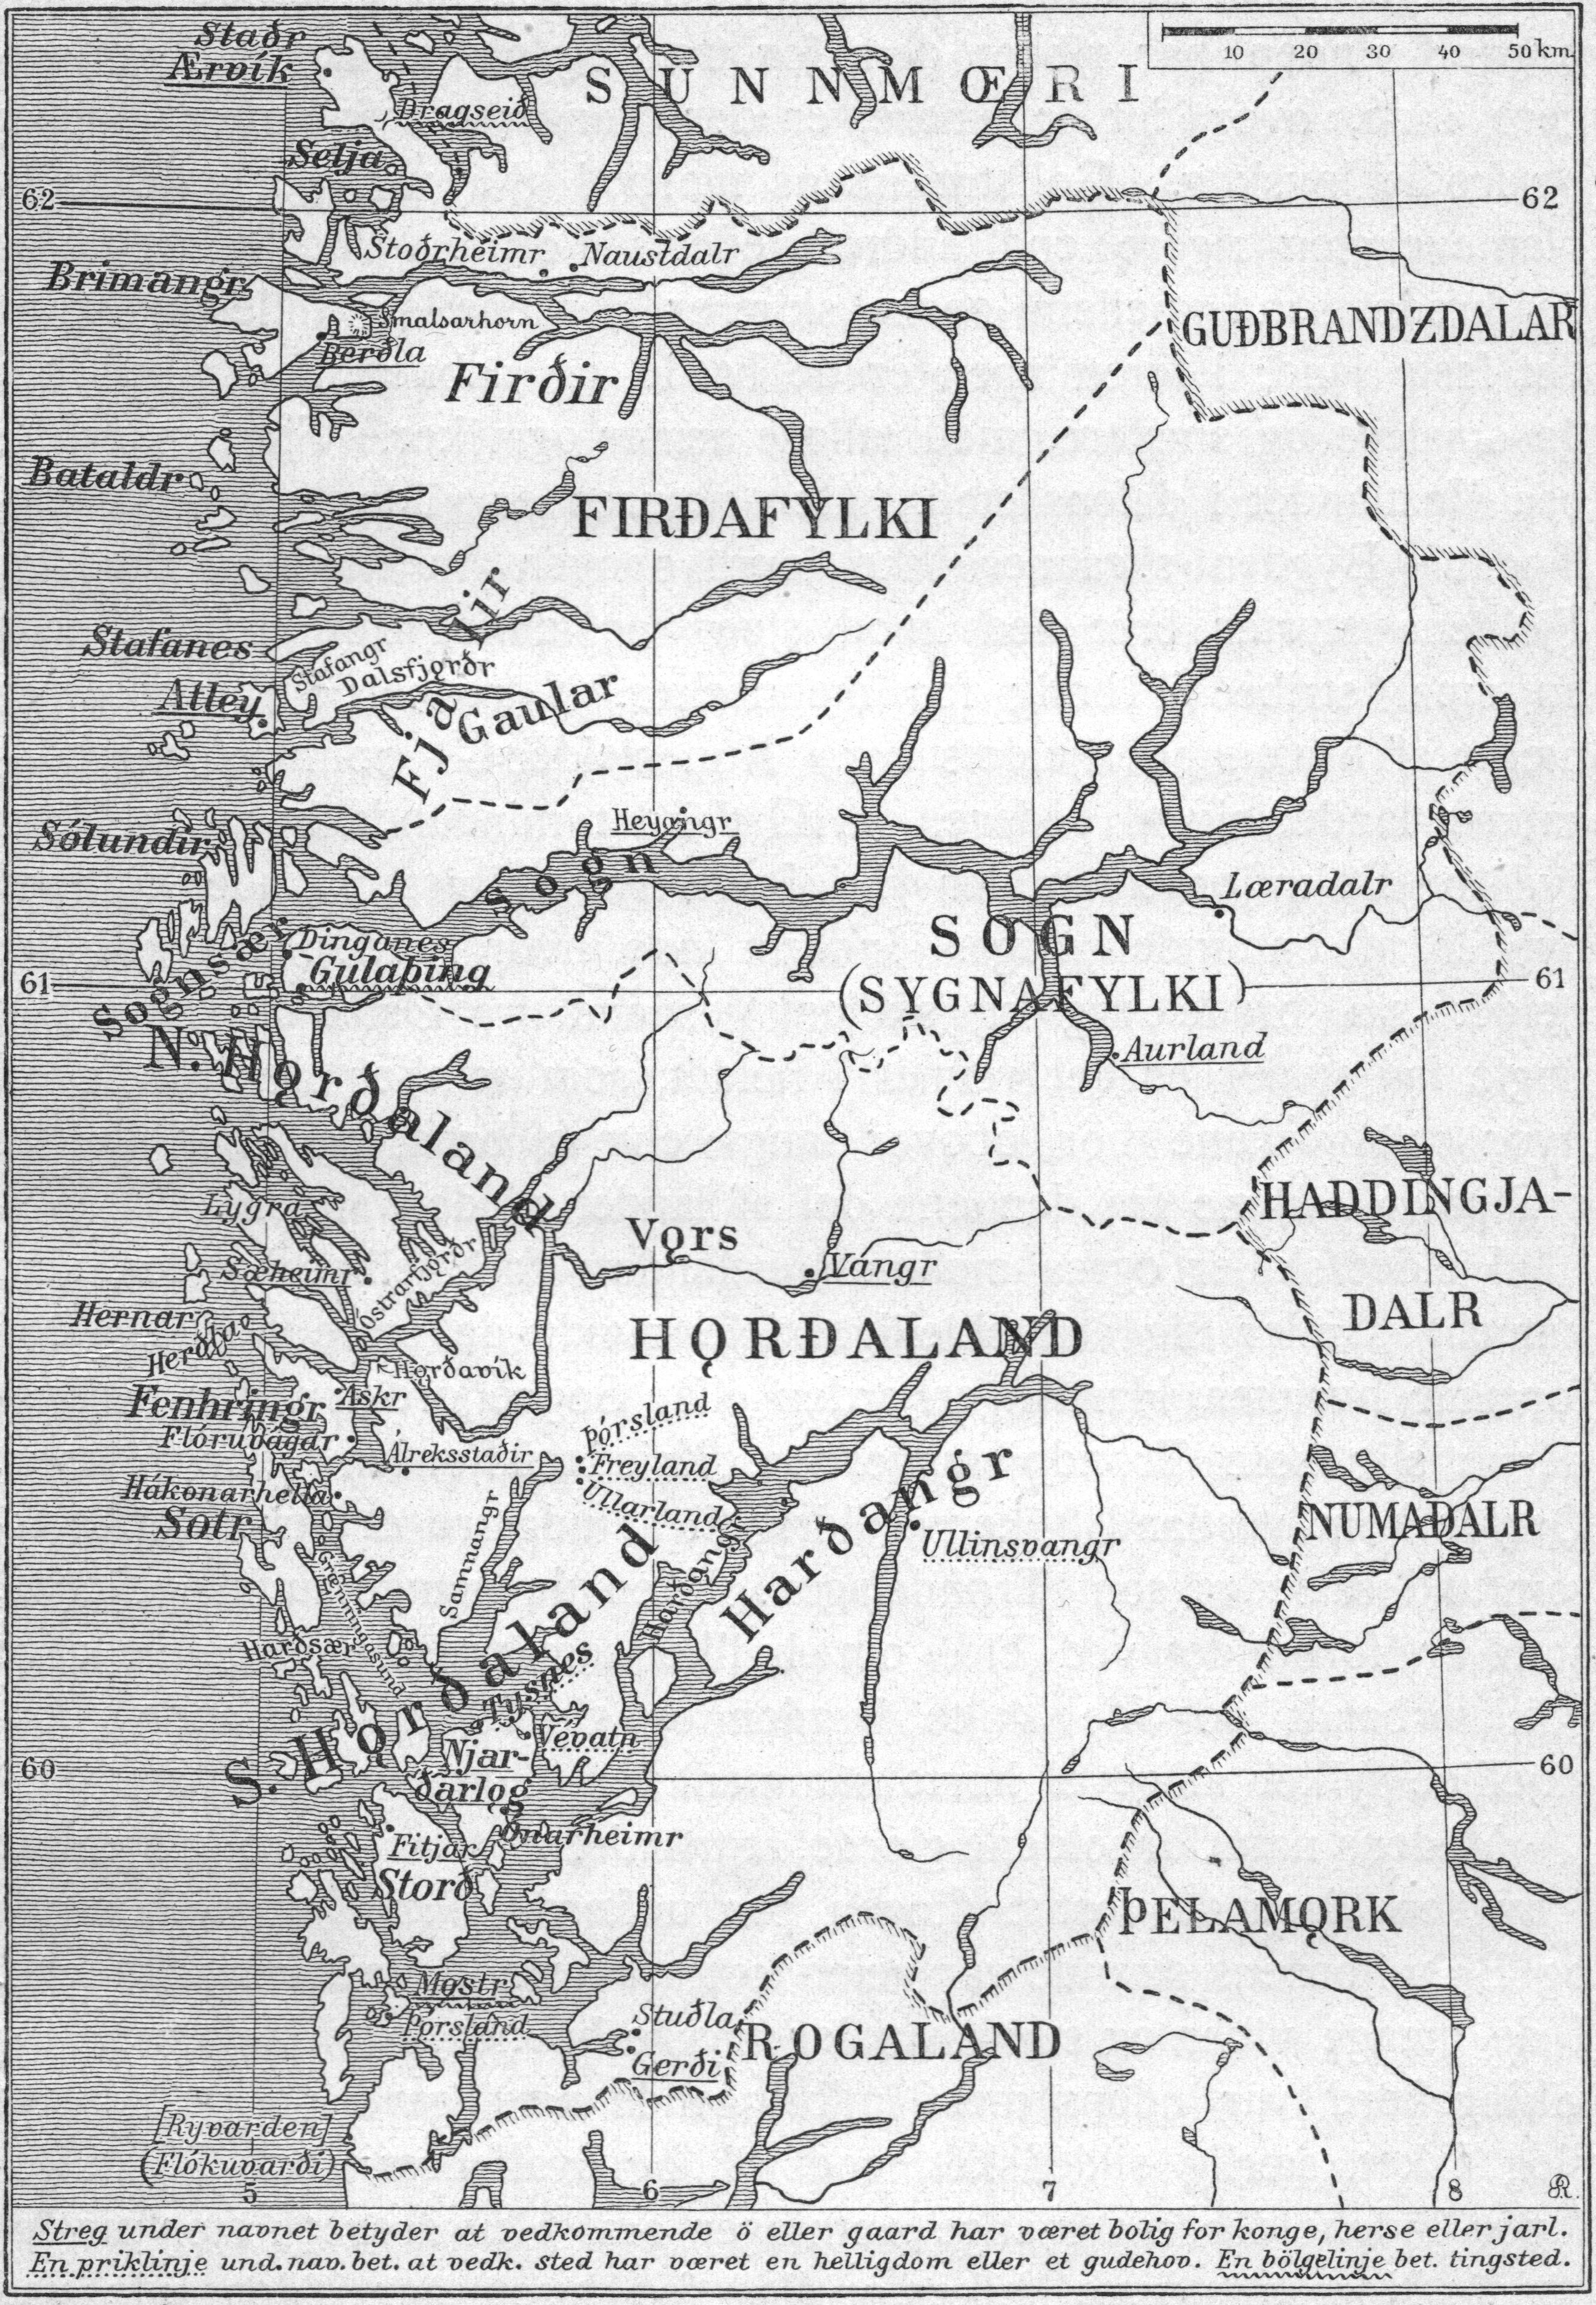 kart over nordhordland File:Kart over fylkerne paa Vestlandet.png   Wikimedia Commons kart over nordhordland